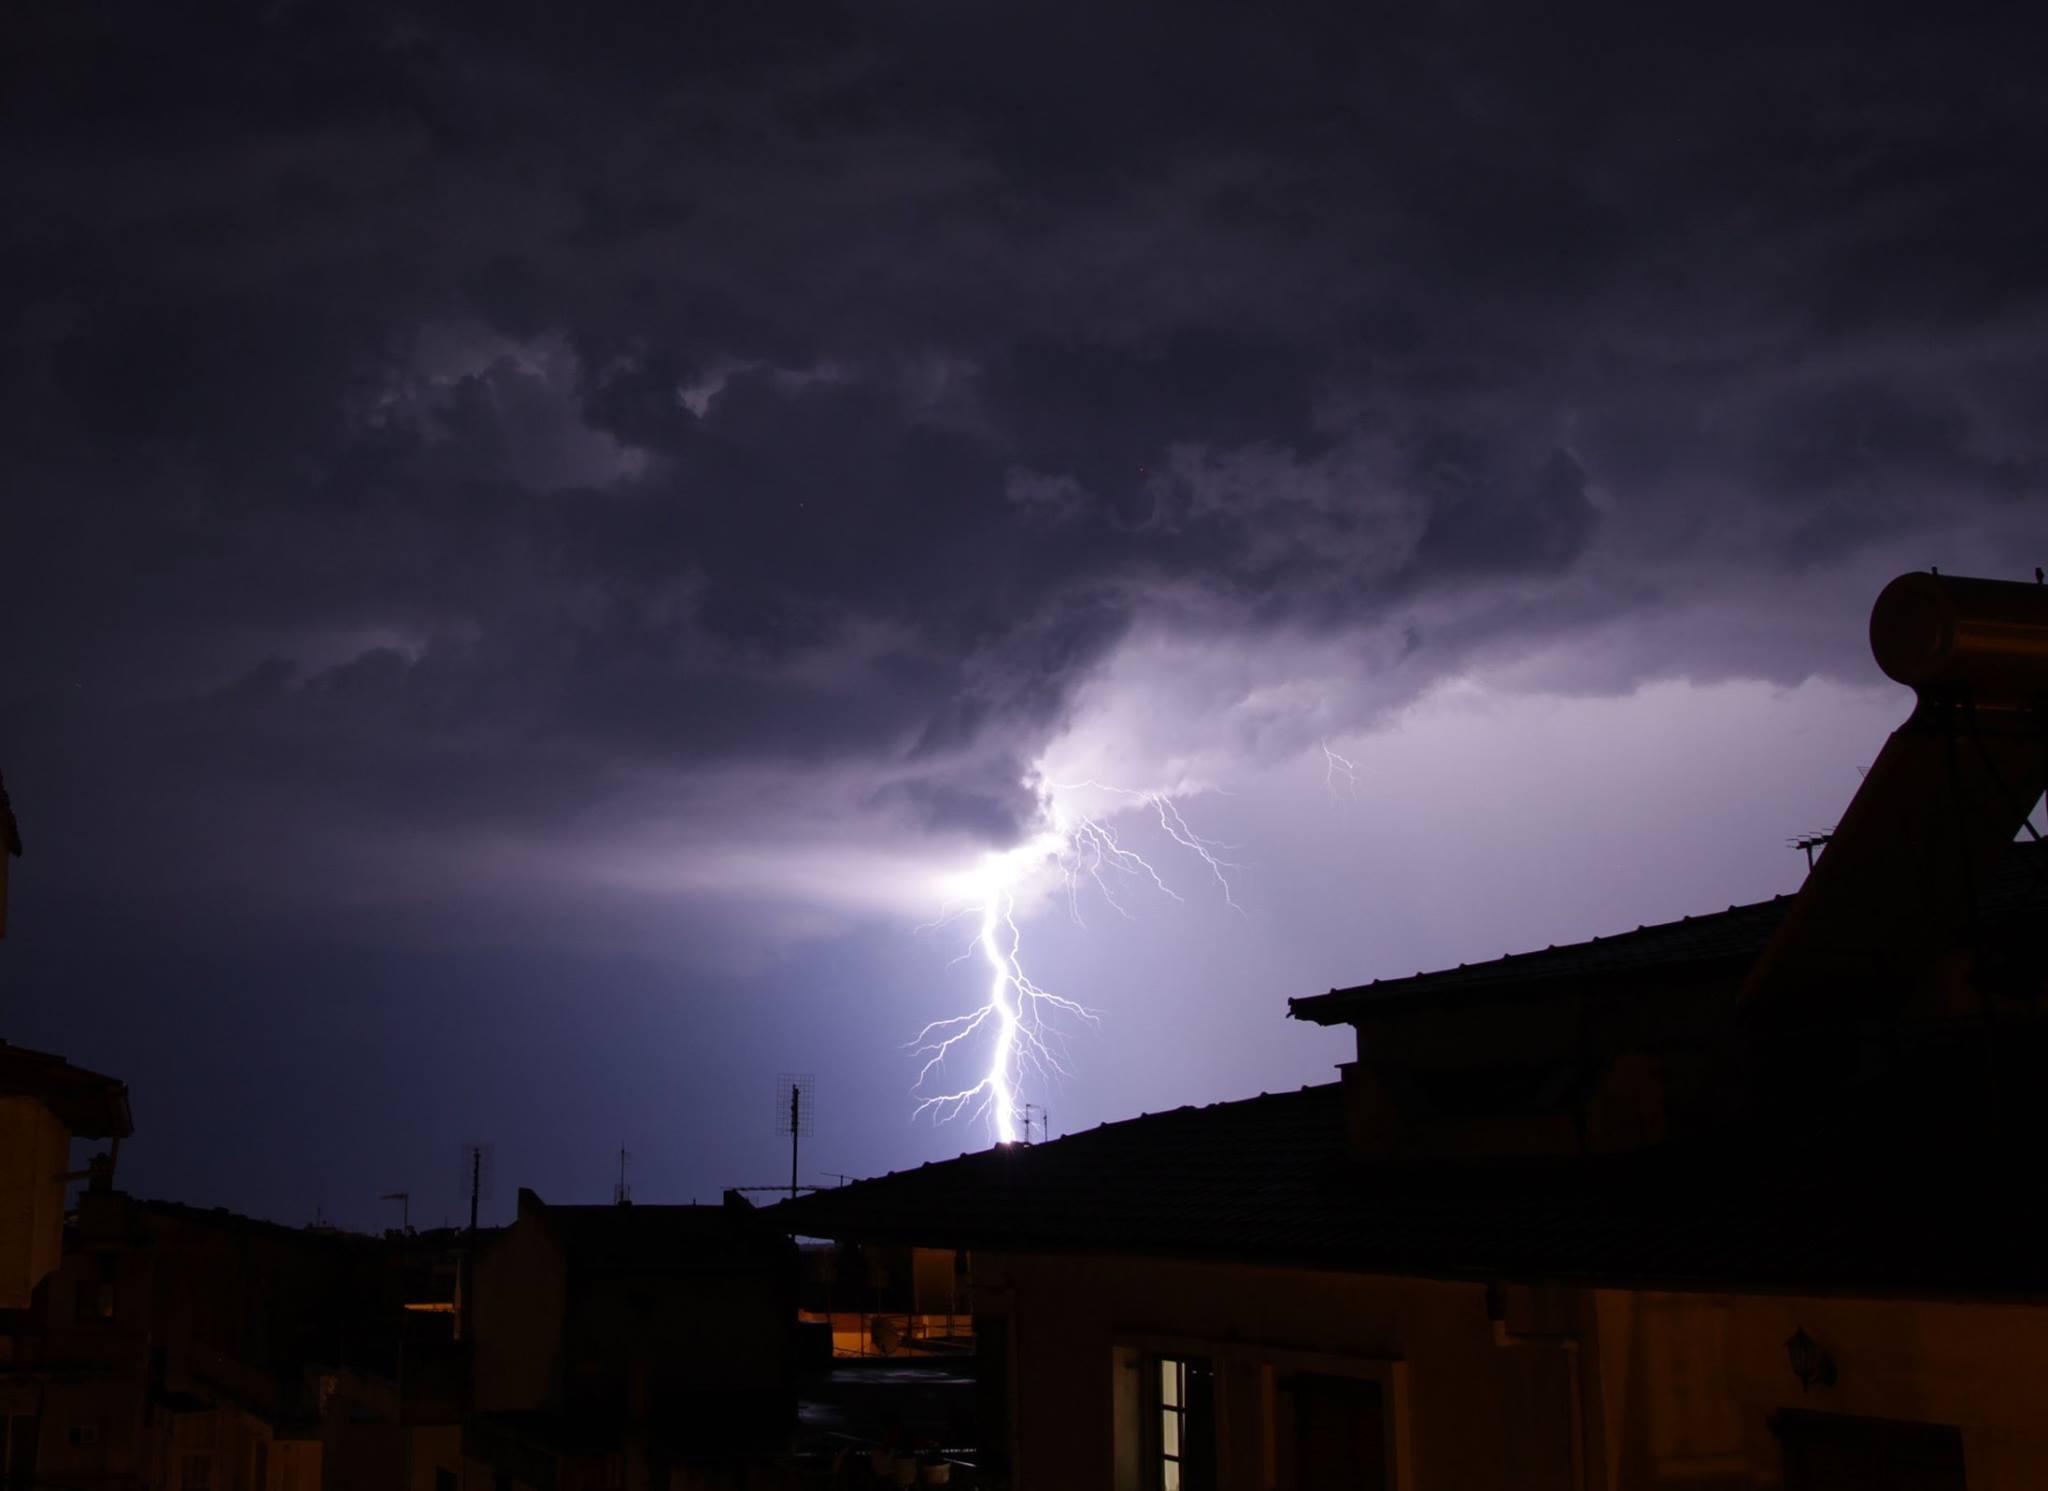 Έκτακτο Δελτίο Επιδείνωσης καιρού, από αύριο Τετάρτη 05 /08,  με κατά τόπους ισχυρές καταιγίδες που θα συνοδεύονται από χαλαζοπτώσεις και πρόσκαιρα από ισχυρούς ανέμους